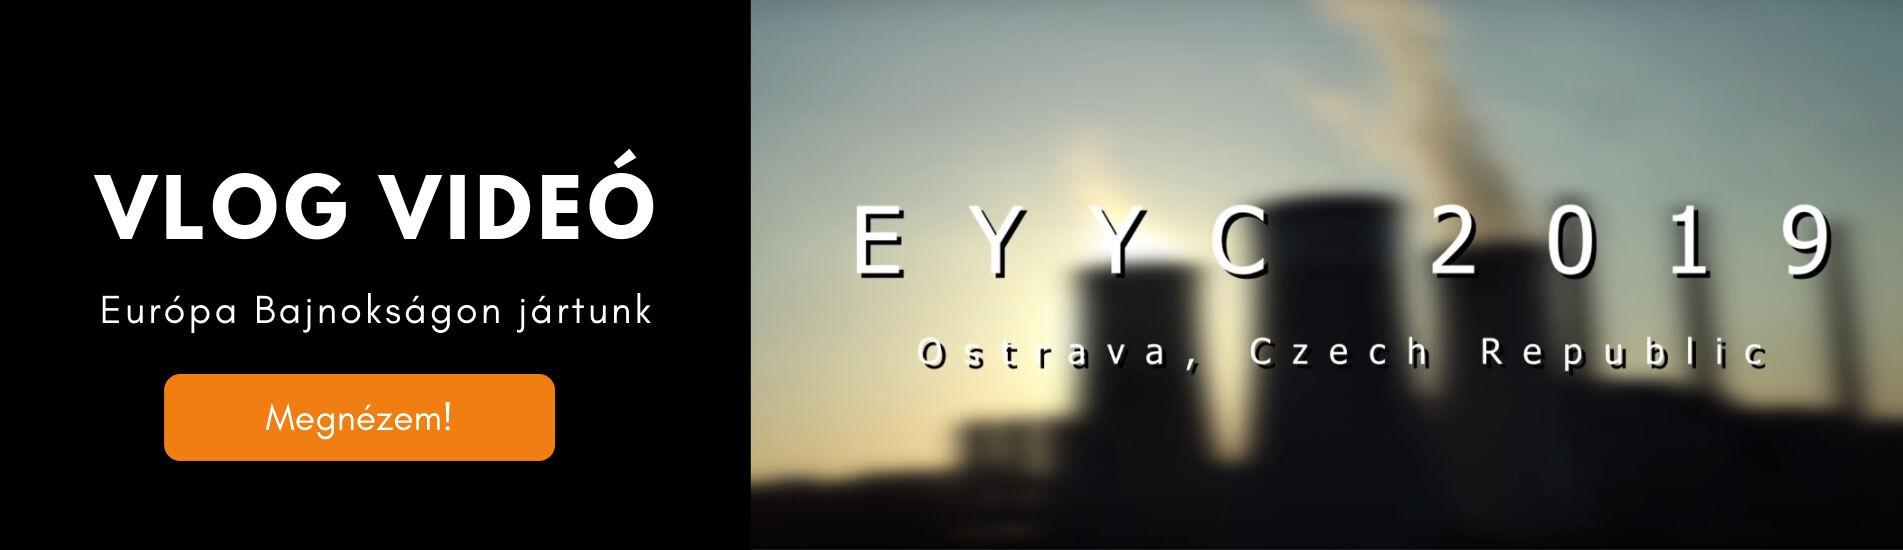 eb-vlog